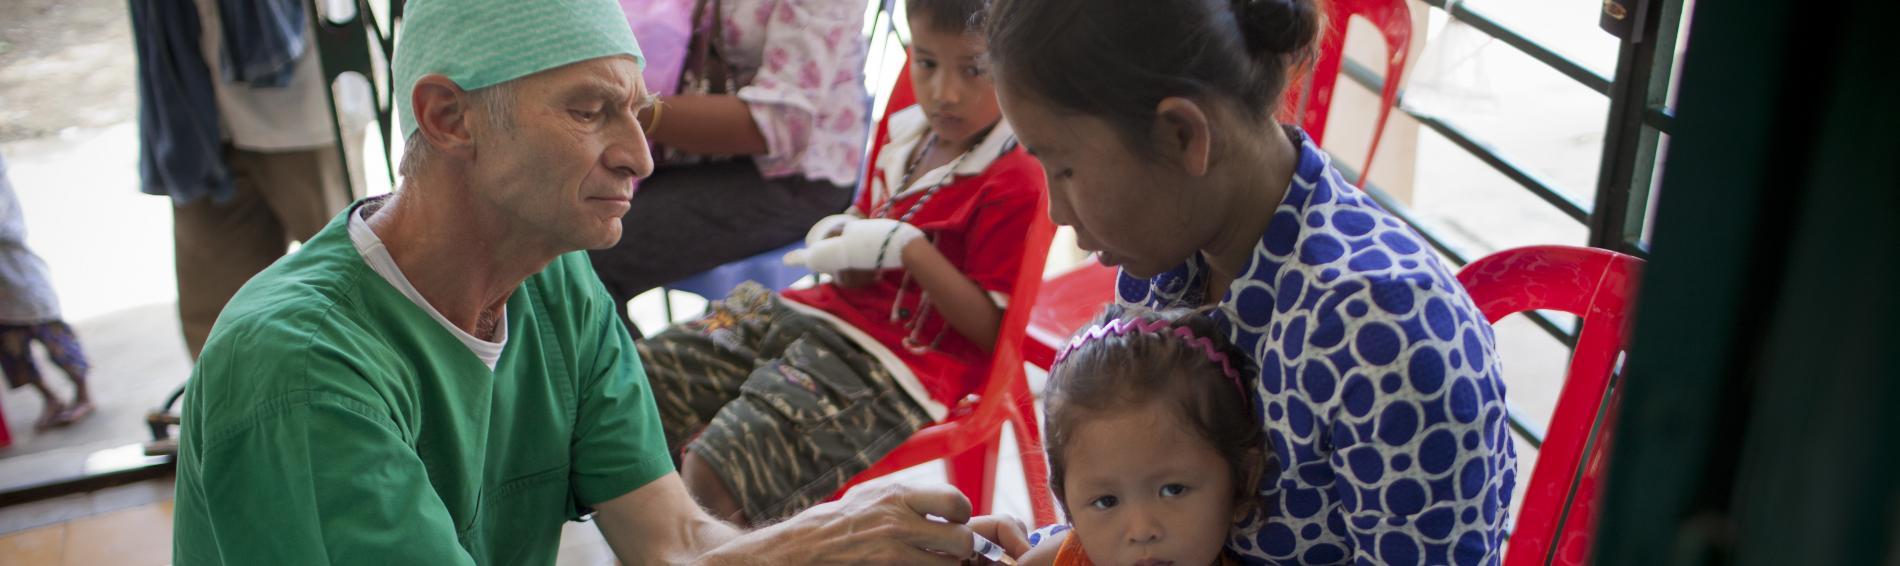 Behandlung eines Kleinkindes. Foto: Fabian Fierchter